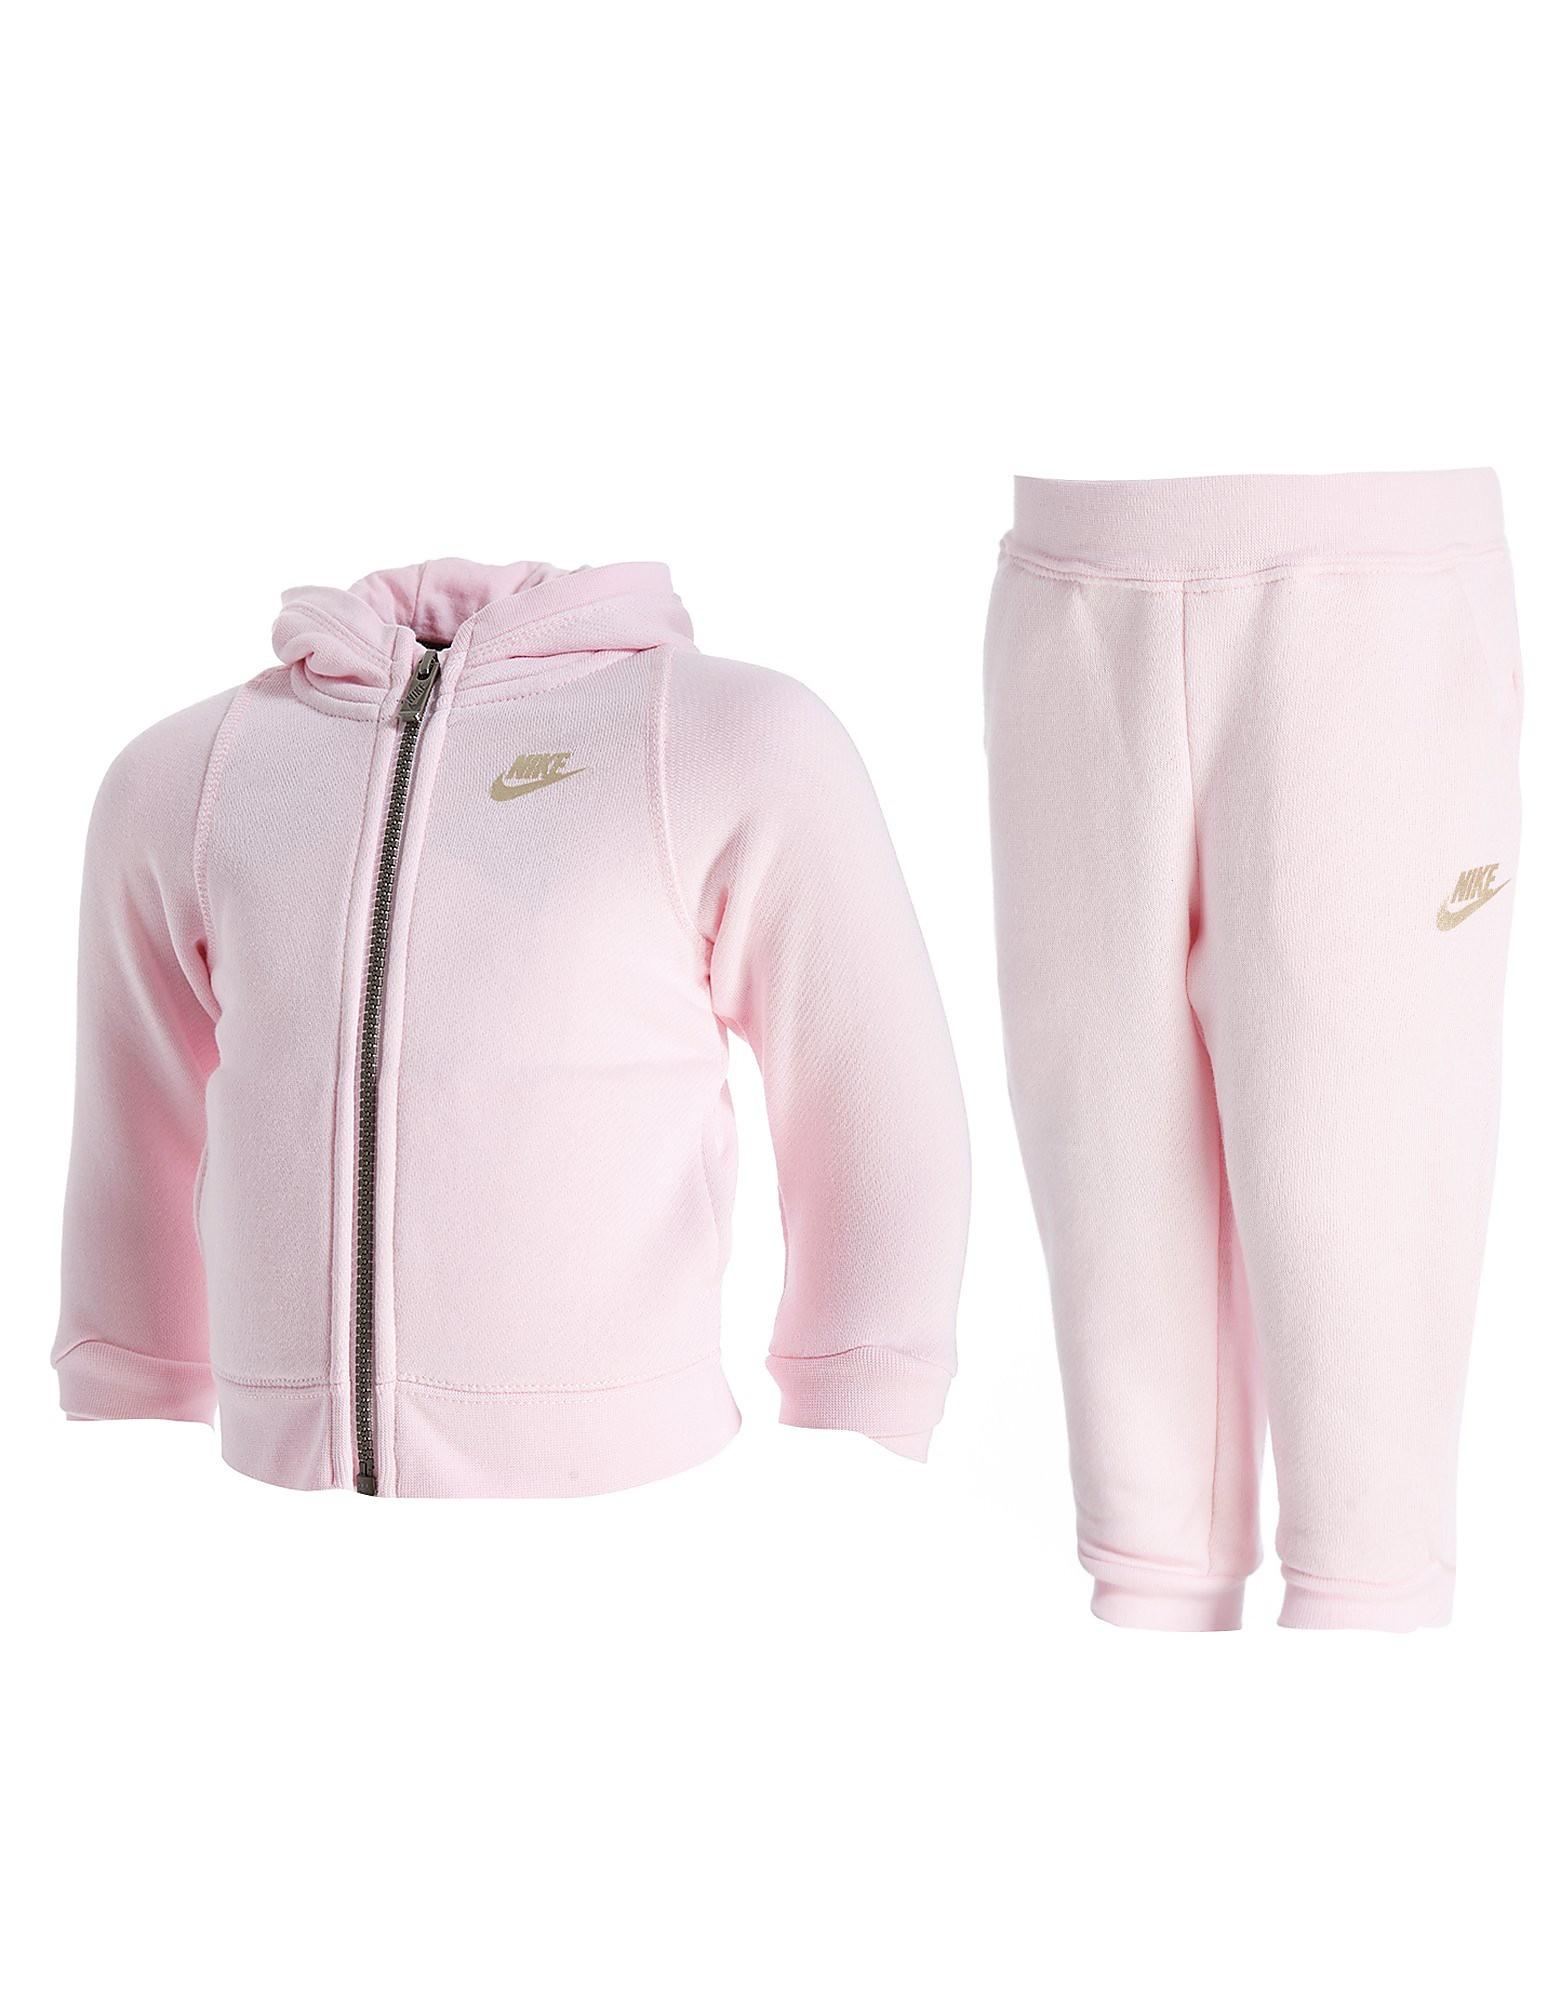 Nike Girls' Modern Full Zip Suit Infant